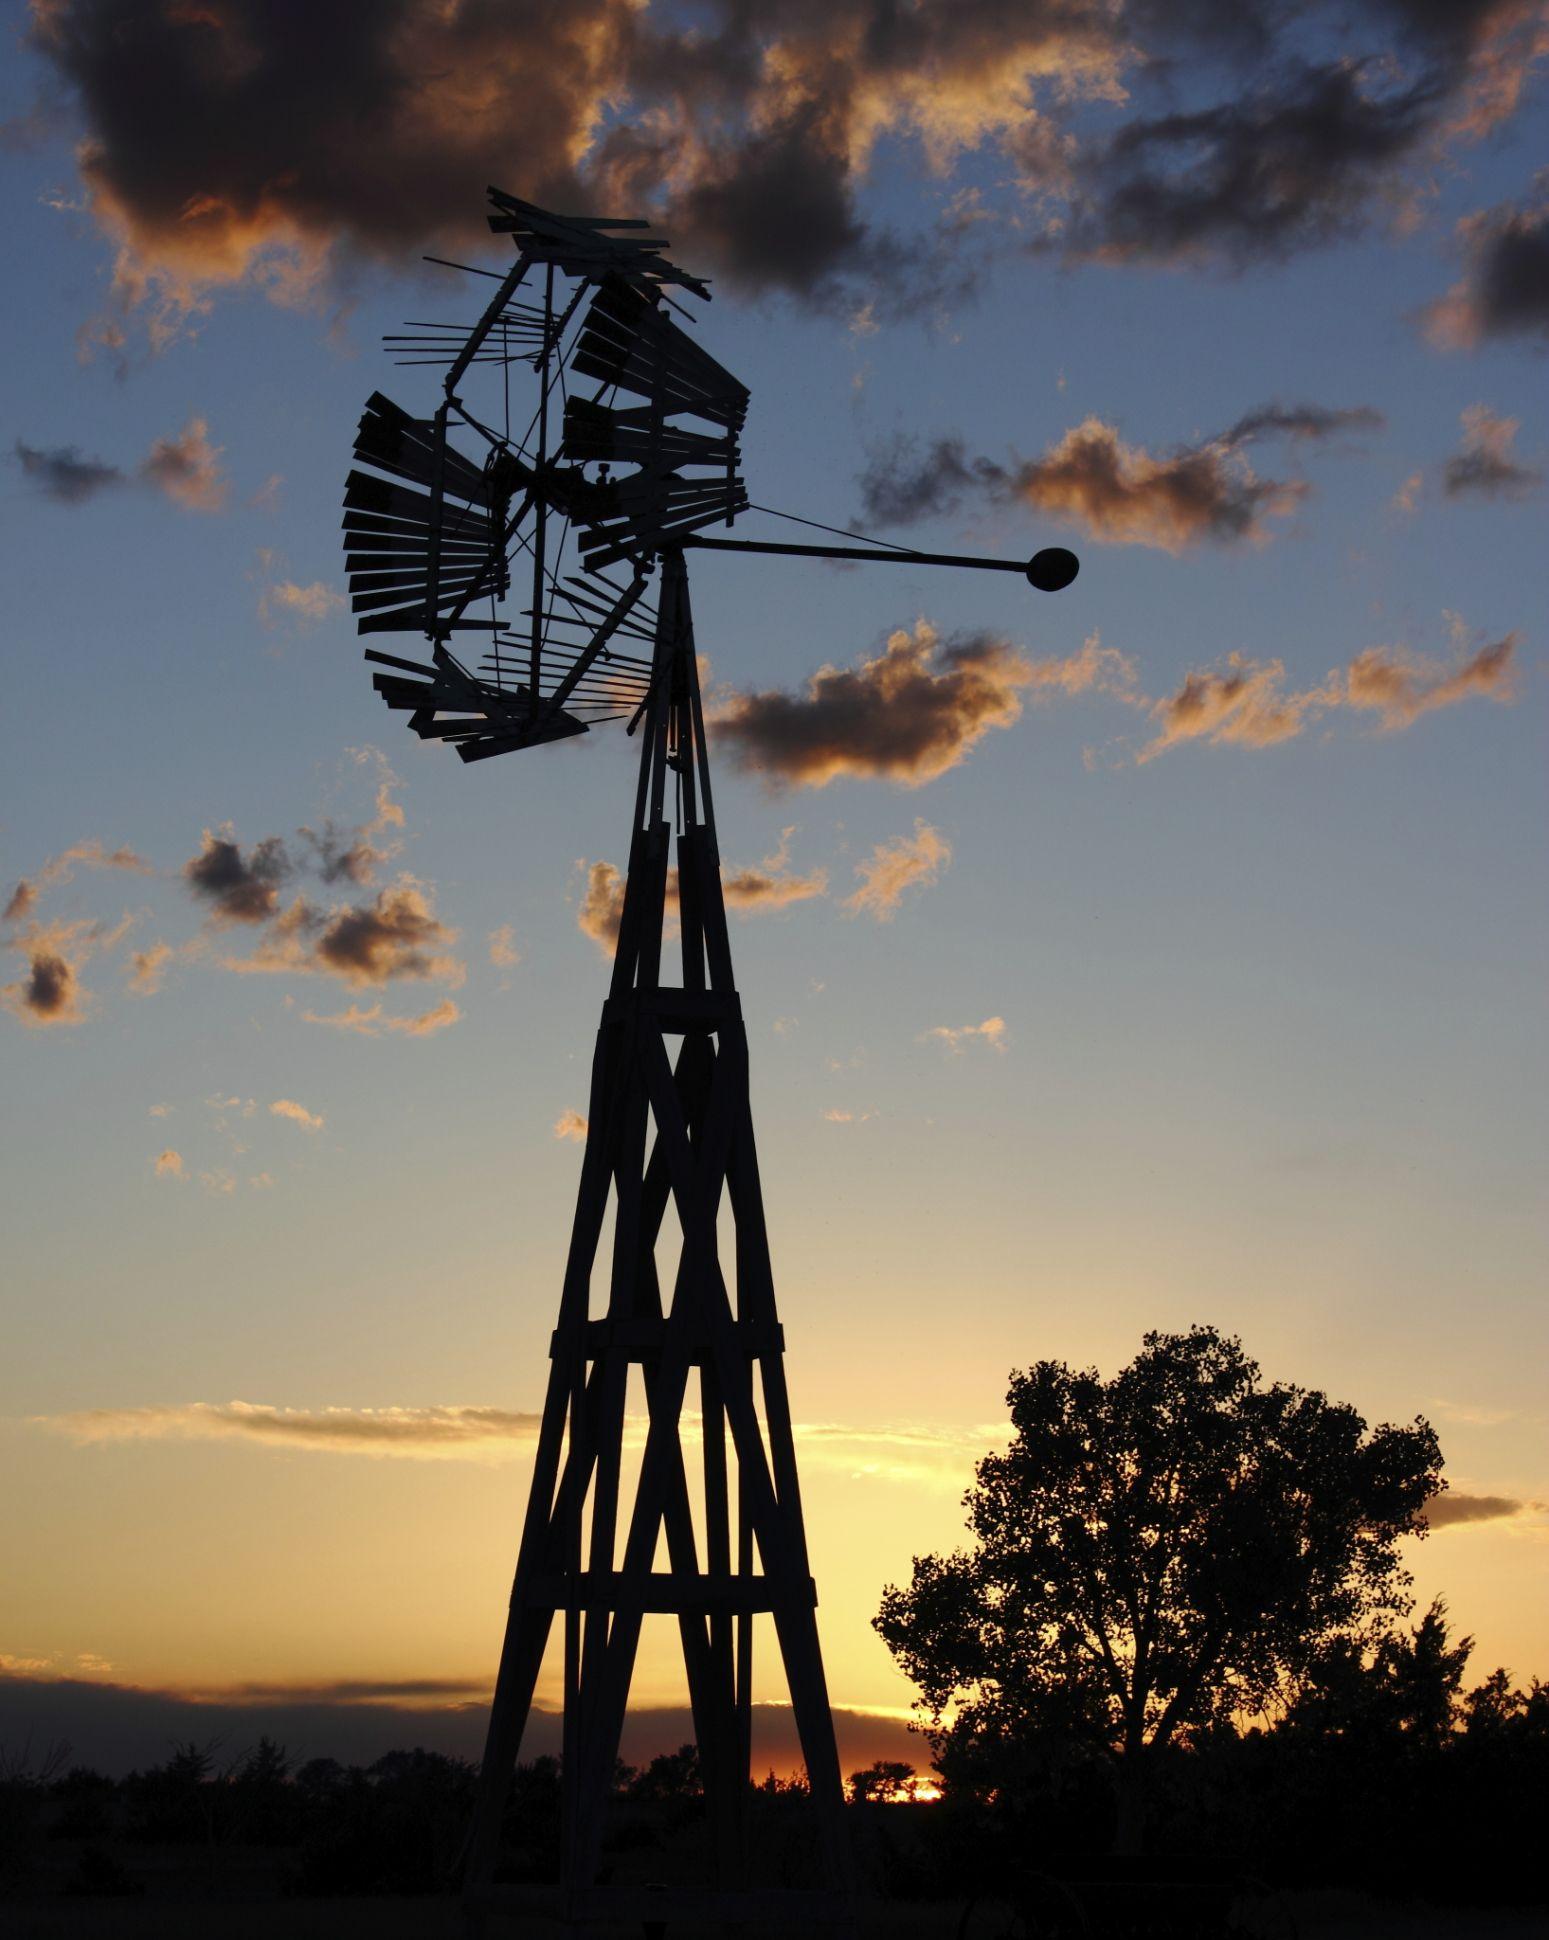 Historic Homestead Windmill in Sunset